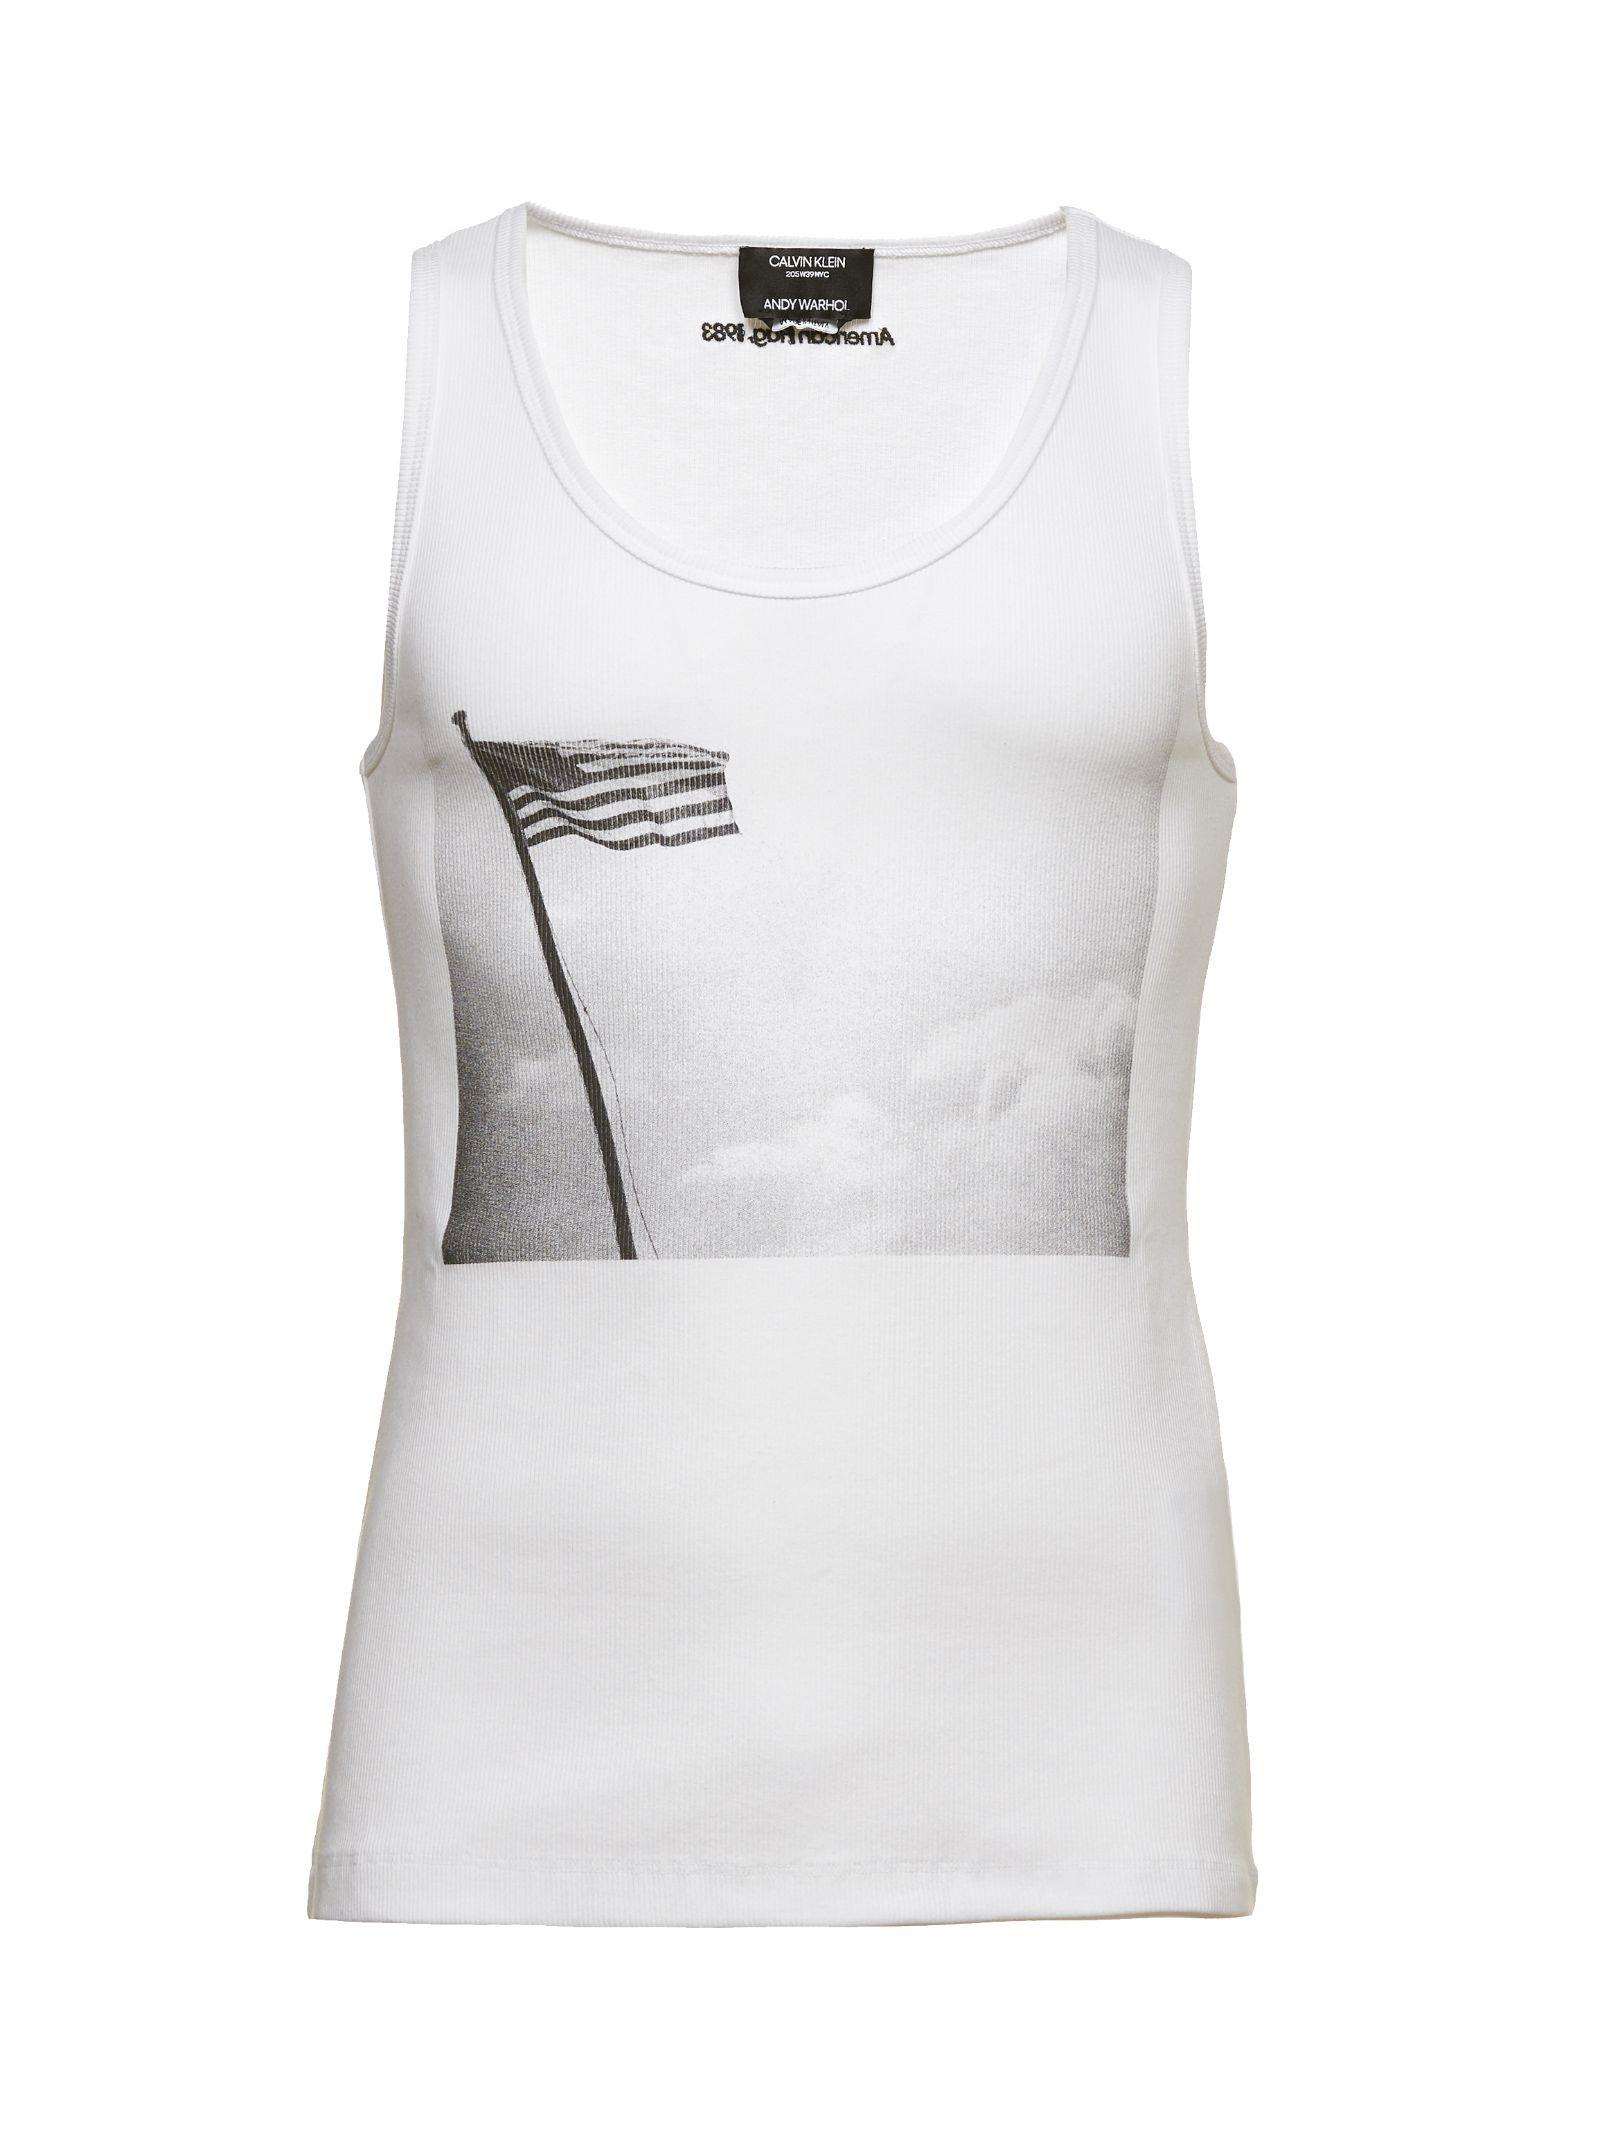 Calvin Klein American Flag Tank Top